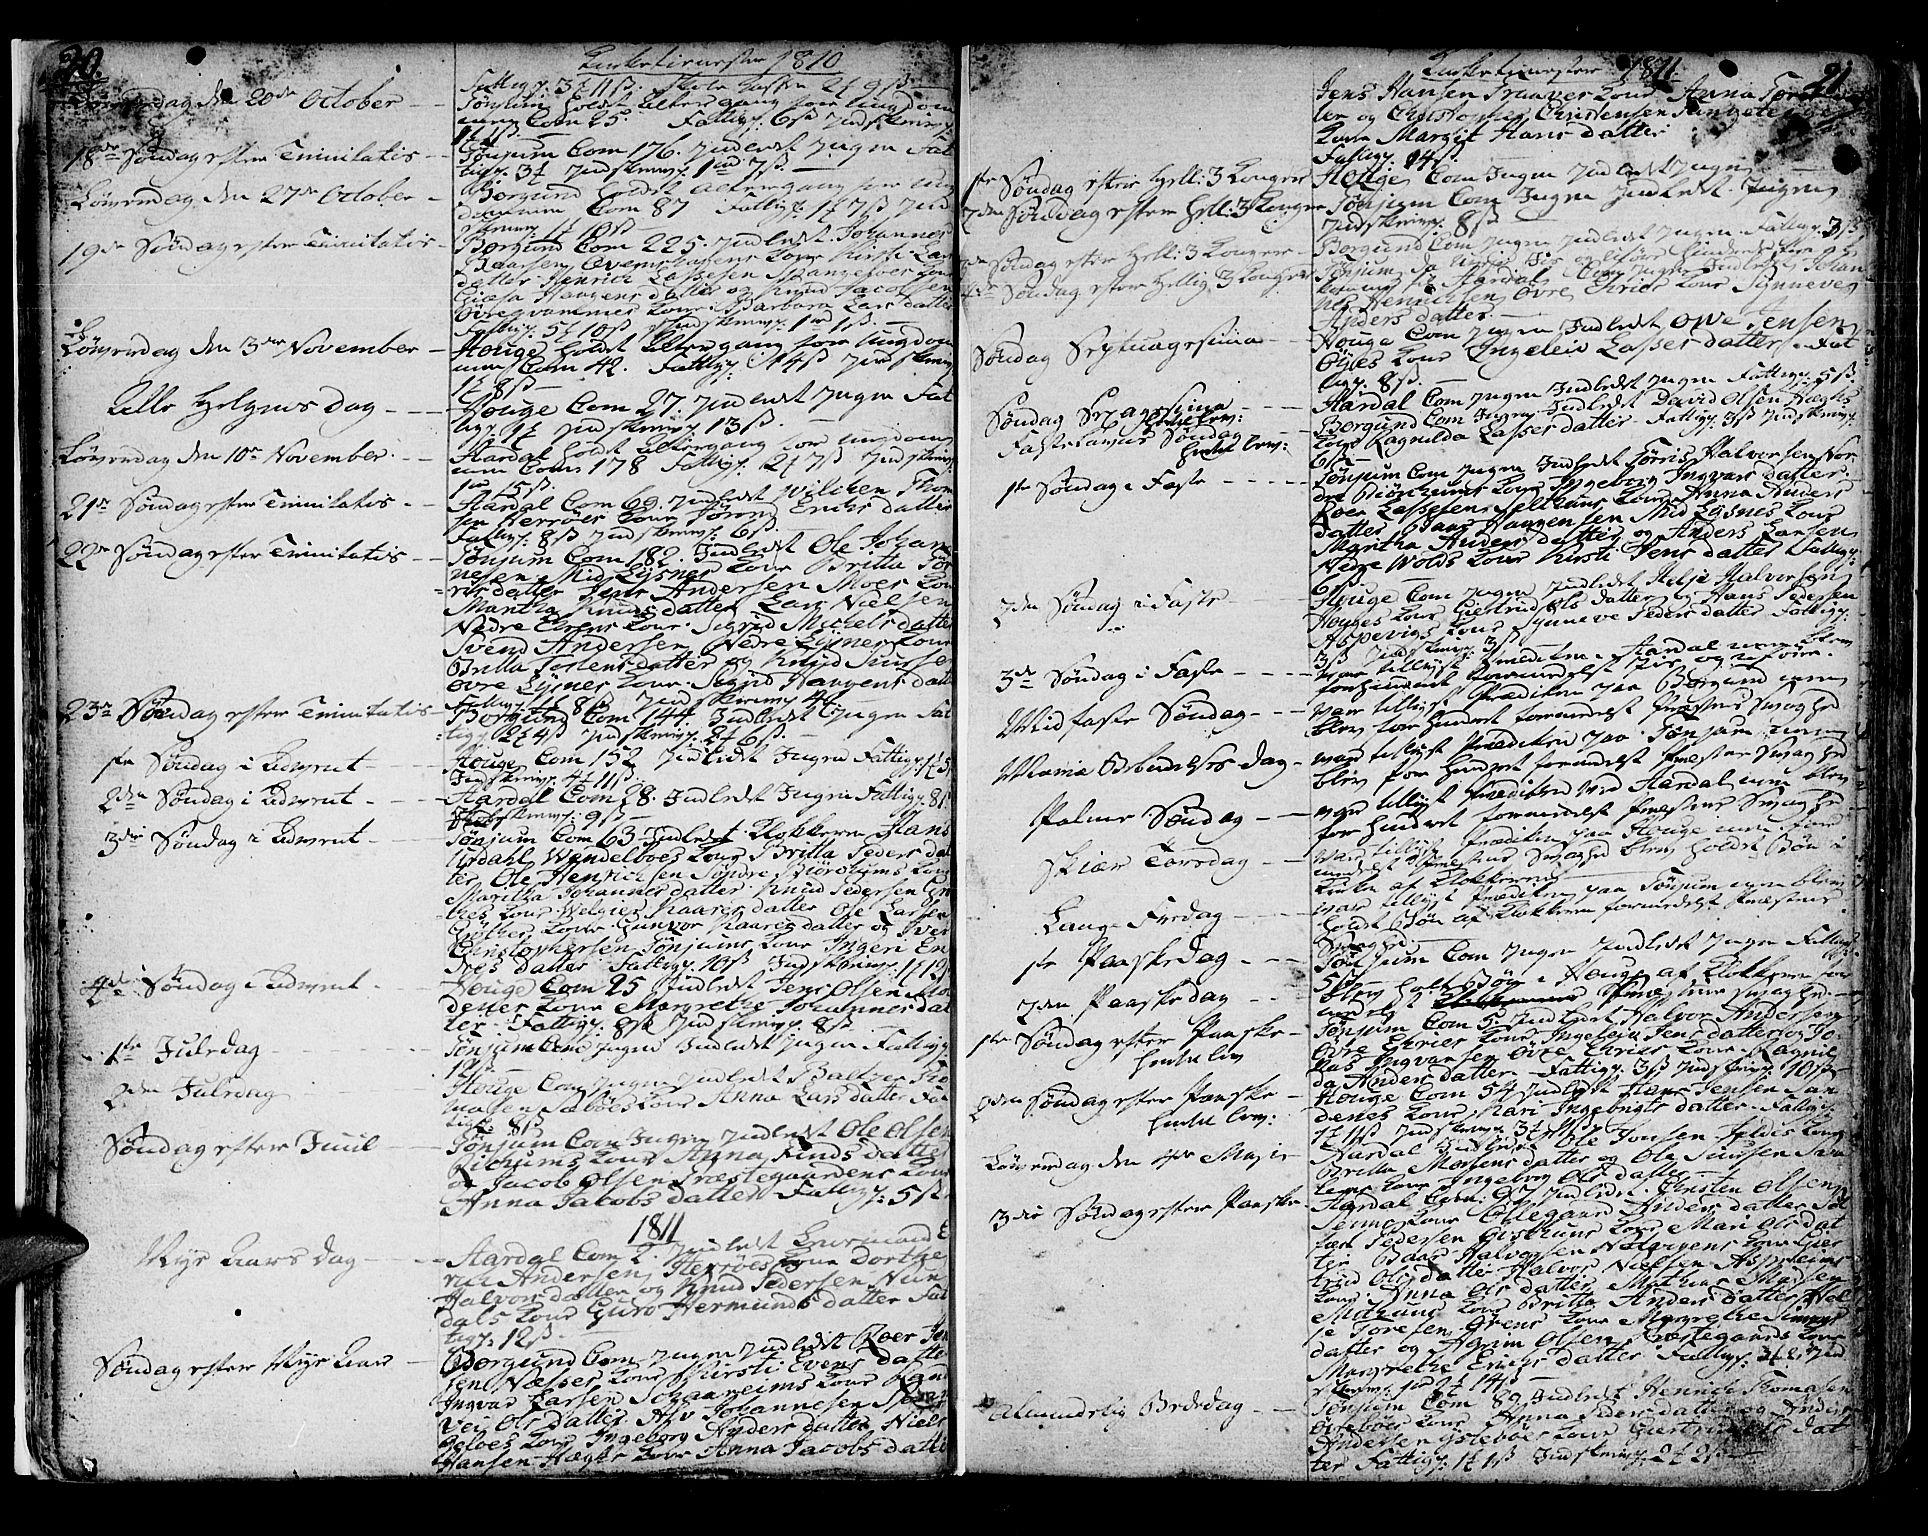 SAB, Lærdal sokneprestembete, Ministerialbok nr. A 4, 1805-1821, s. 20-21